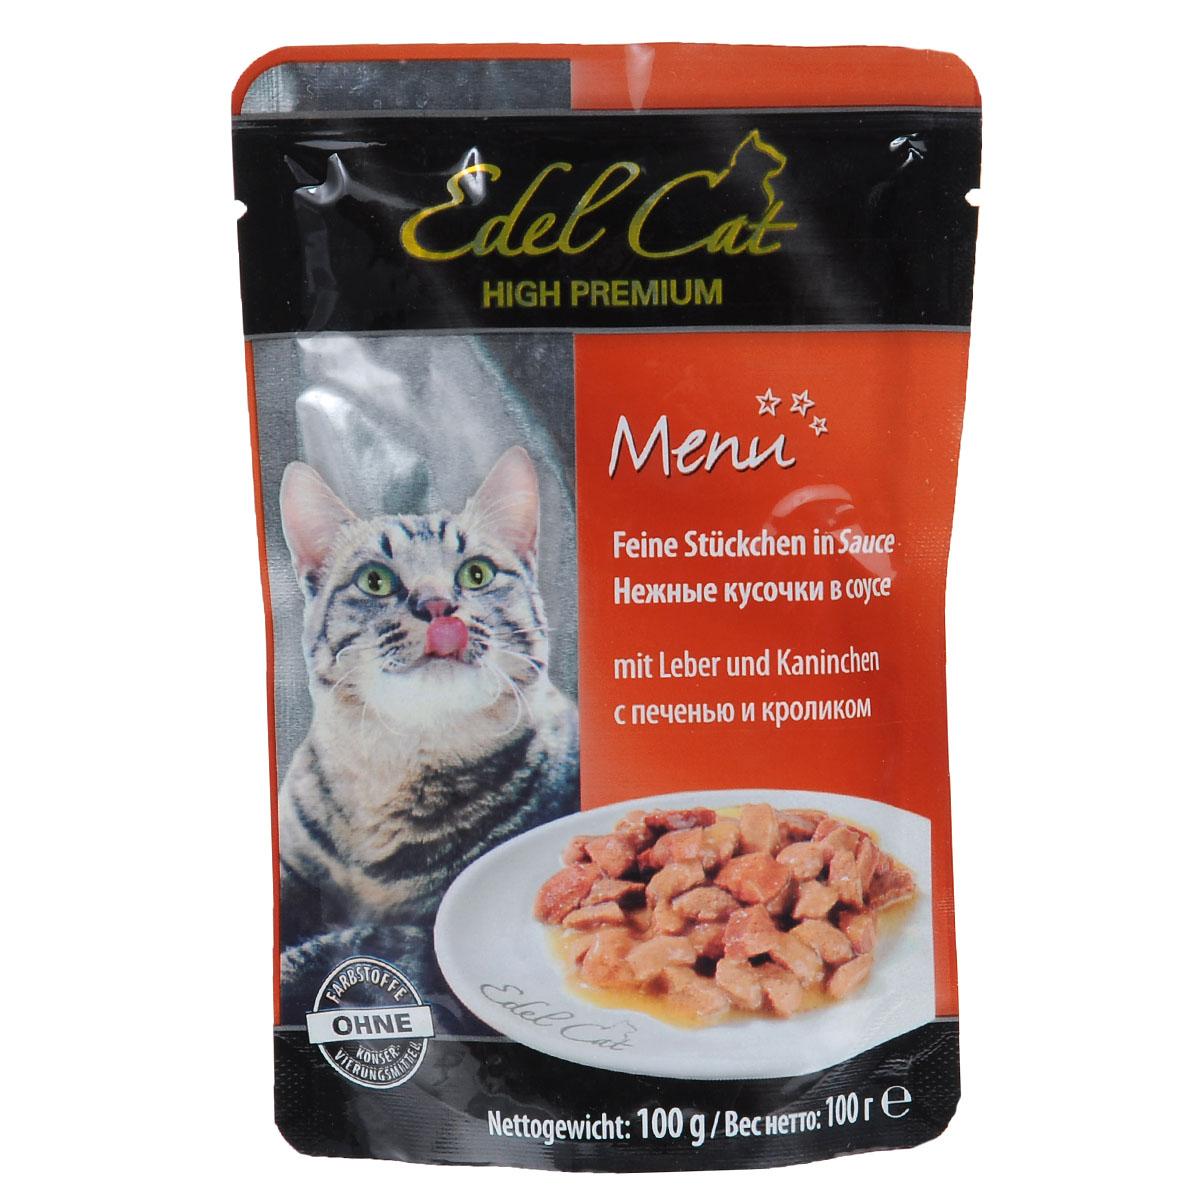 Консервы для кошек Edel Cat, с печенью и кроликом в соусе, 100 г12845Консервы для кошек Edel Cat со вкусом кролика и печени - это изумительный корм, созданный на основе высококачественных продуктов. Не содержит консервантов и красителей. Консервированный корм Edel Cat - это чудесное лакомство, созданное для взрослых кошек. Производители при изготовлении использовали только отборные ингредиенты: главным образом, это высококачественное мясо и продукты животного происхождения. В составе продукта присутствуют только полезные вещества - минералы и витамины, укрепляющие все системы организма кошек. Edel Cat является полноценным кормом, который рекомендован для постоянного употребления. В порцию консервов можно при желании добавлять сухие корма или каши. Нежные мясные кусочки в соусе порадуют вашу кошку. Ни один питомец не сможет устоять перед этим восхитительным лакомством. Состав: мясо и мясопродукты (5% печени, 5% кролика), злаки, минеральные вещества, инулин (0,1%). Аналитический состав:...